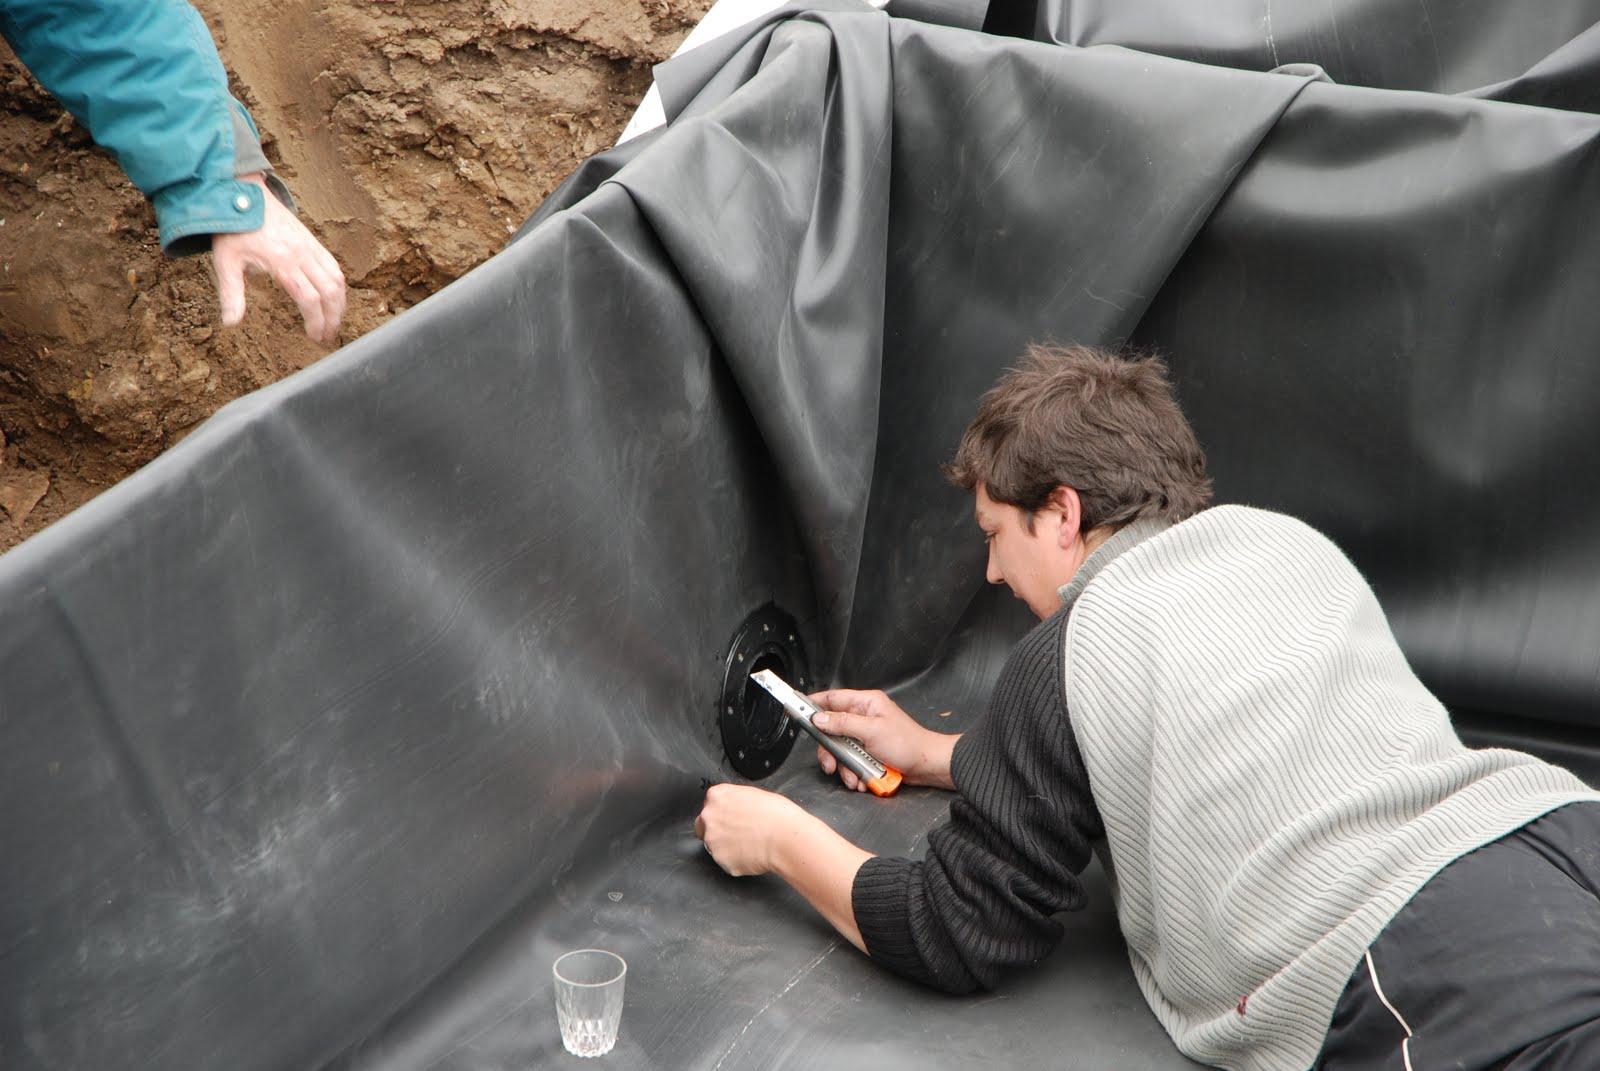 Naissance d 39 une maison de paille en picardie chantier for Bache etanche bassin